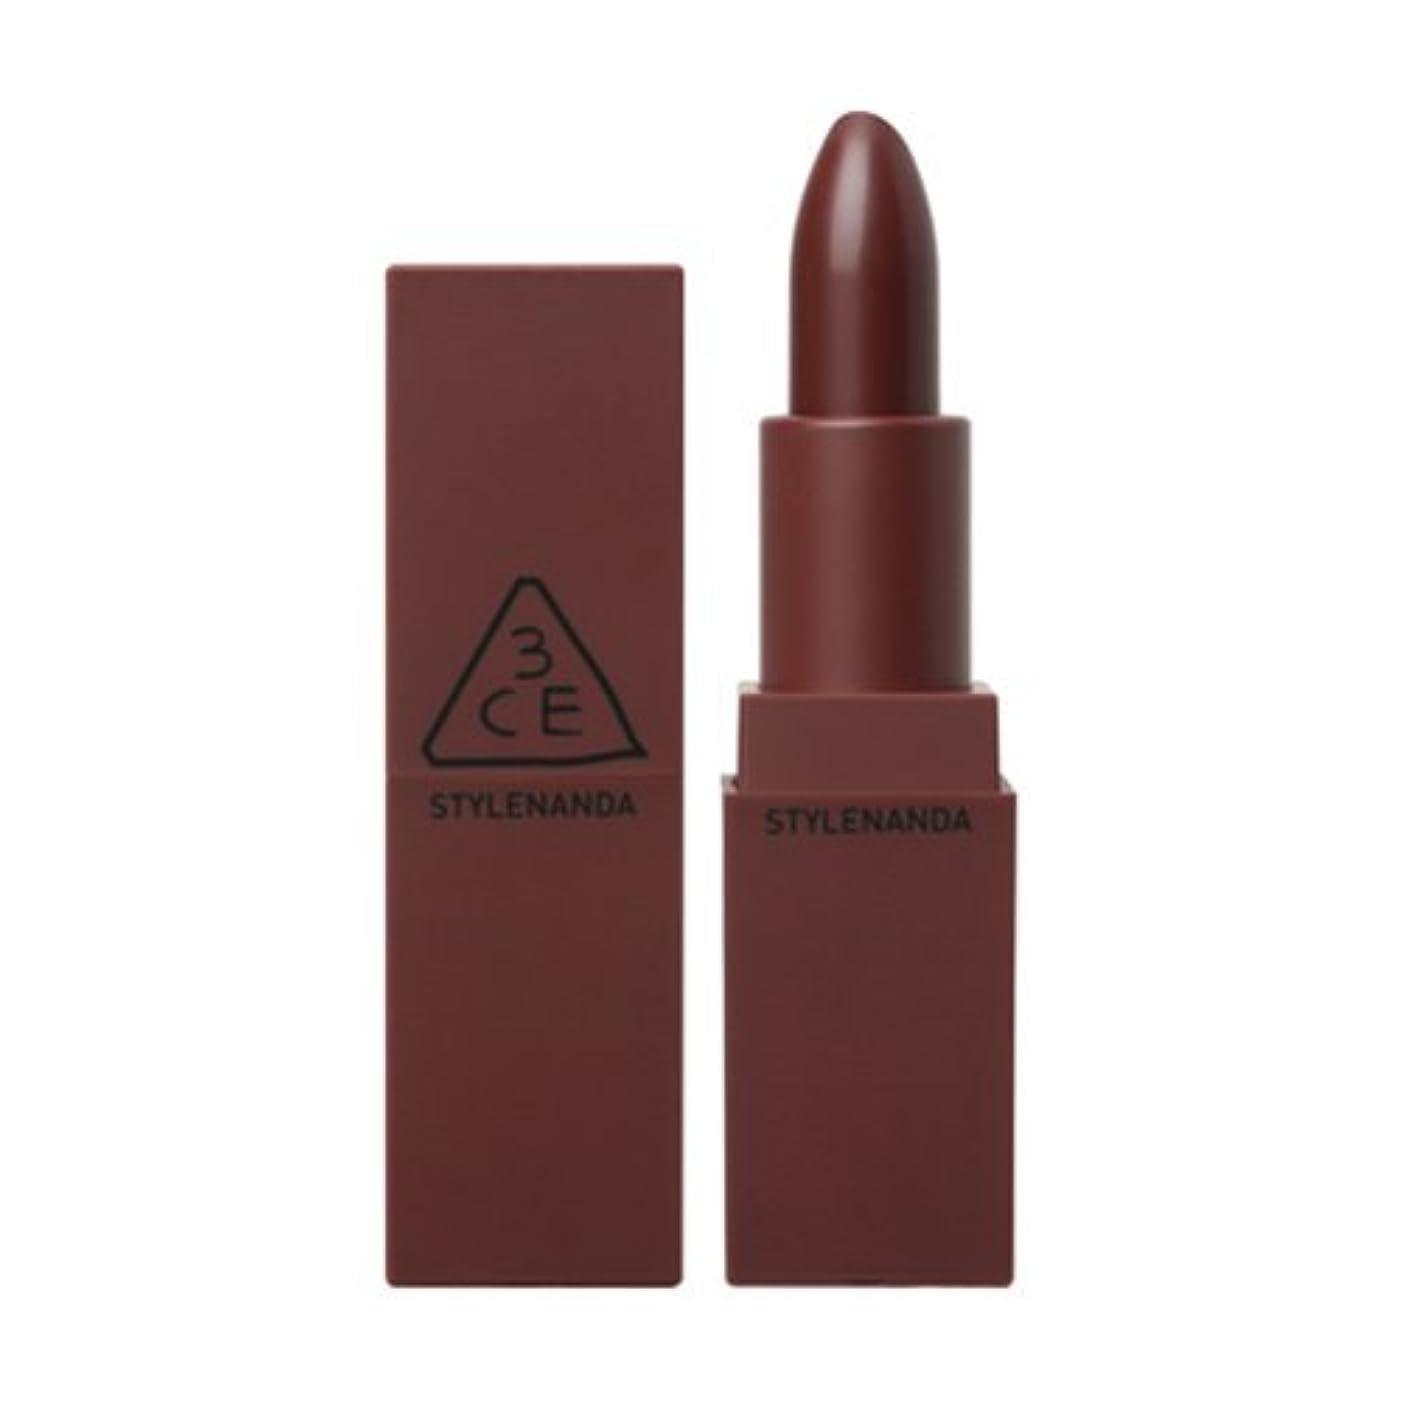 合併症デンマーク南東STYLE NANDA 3CE MOOD RECIPE マットリップ リップスティック カラー#117 Chicful 3.5g / STYLE NANDA 3CE MOOD RECIPE MATTE LIP Lipstick COLOR #117 Chicful 3.5g